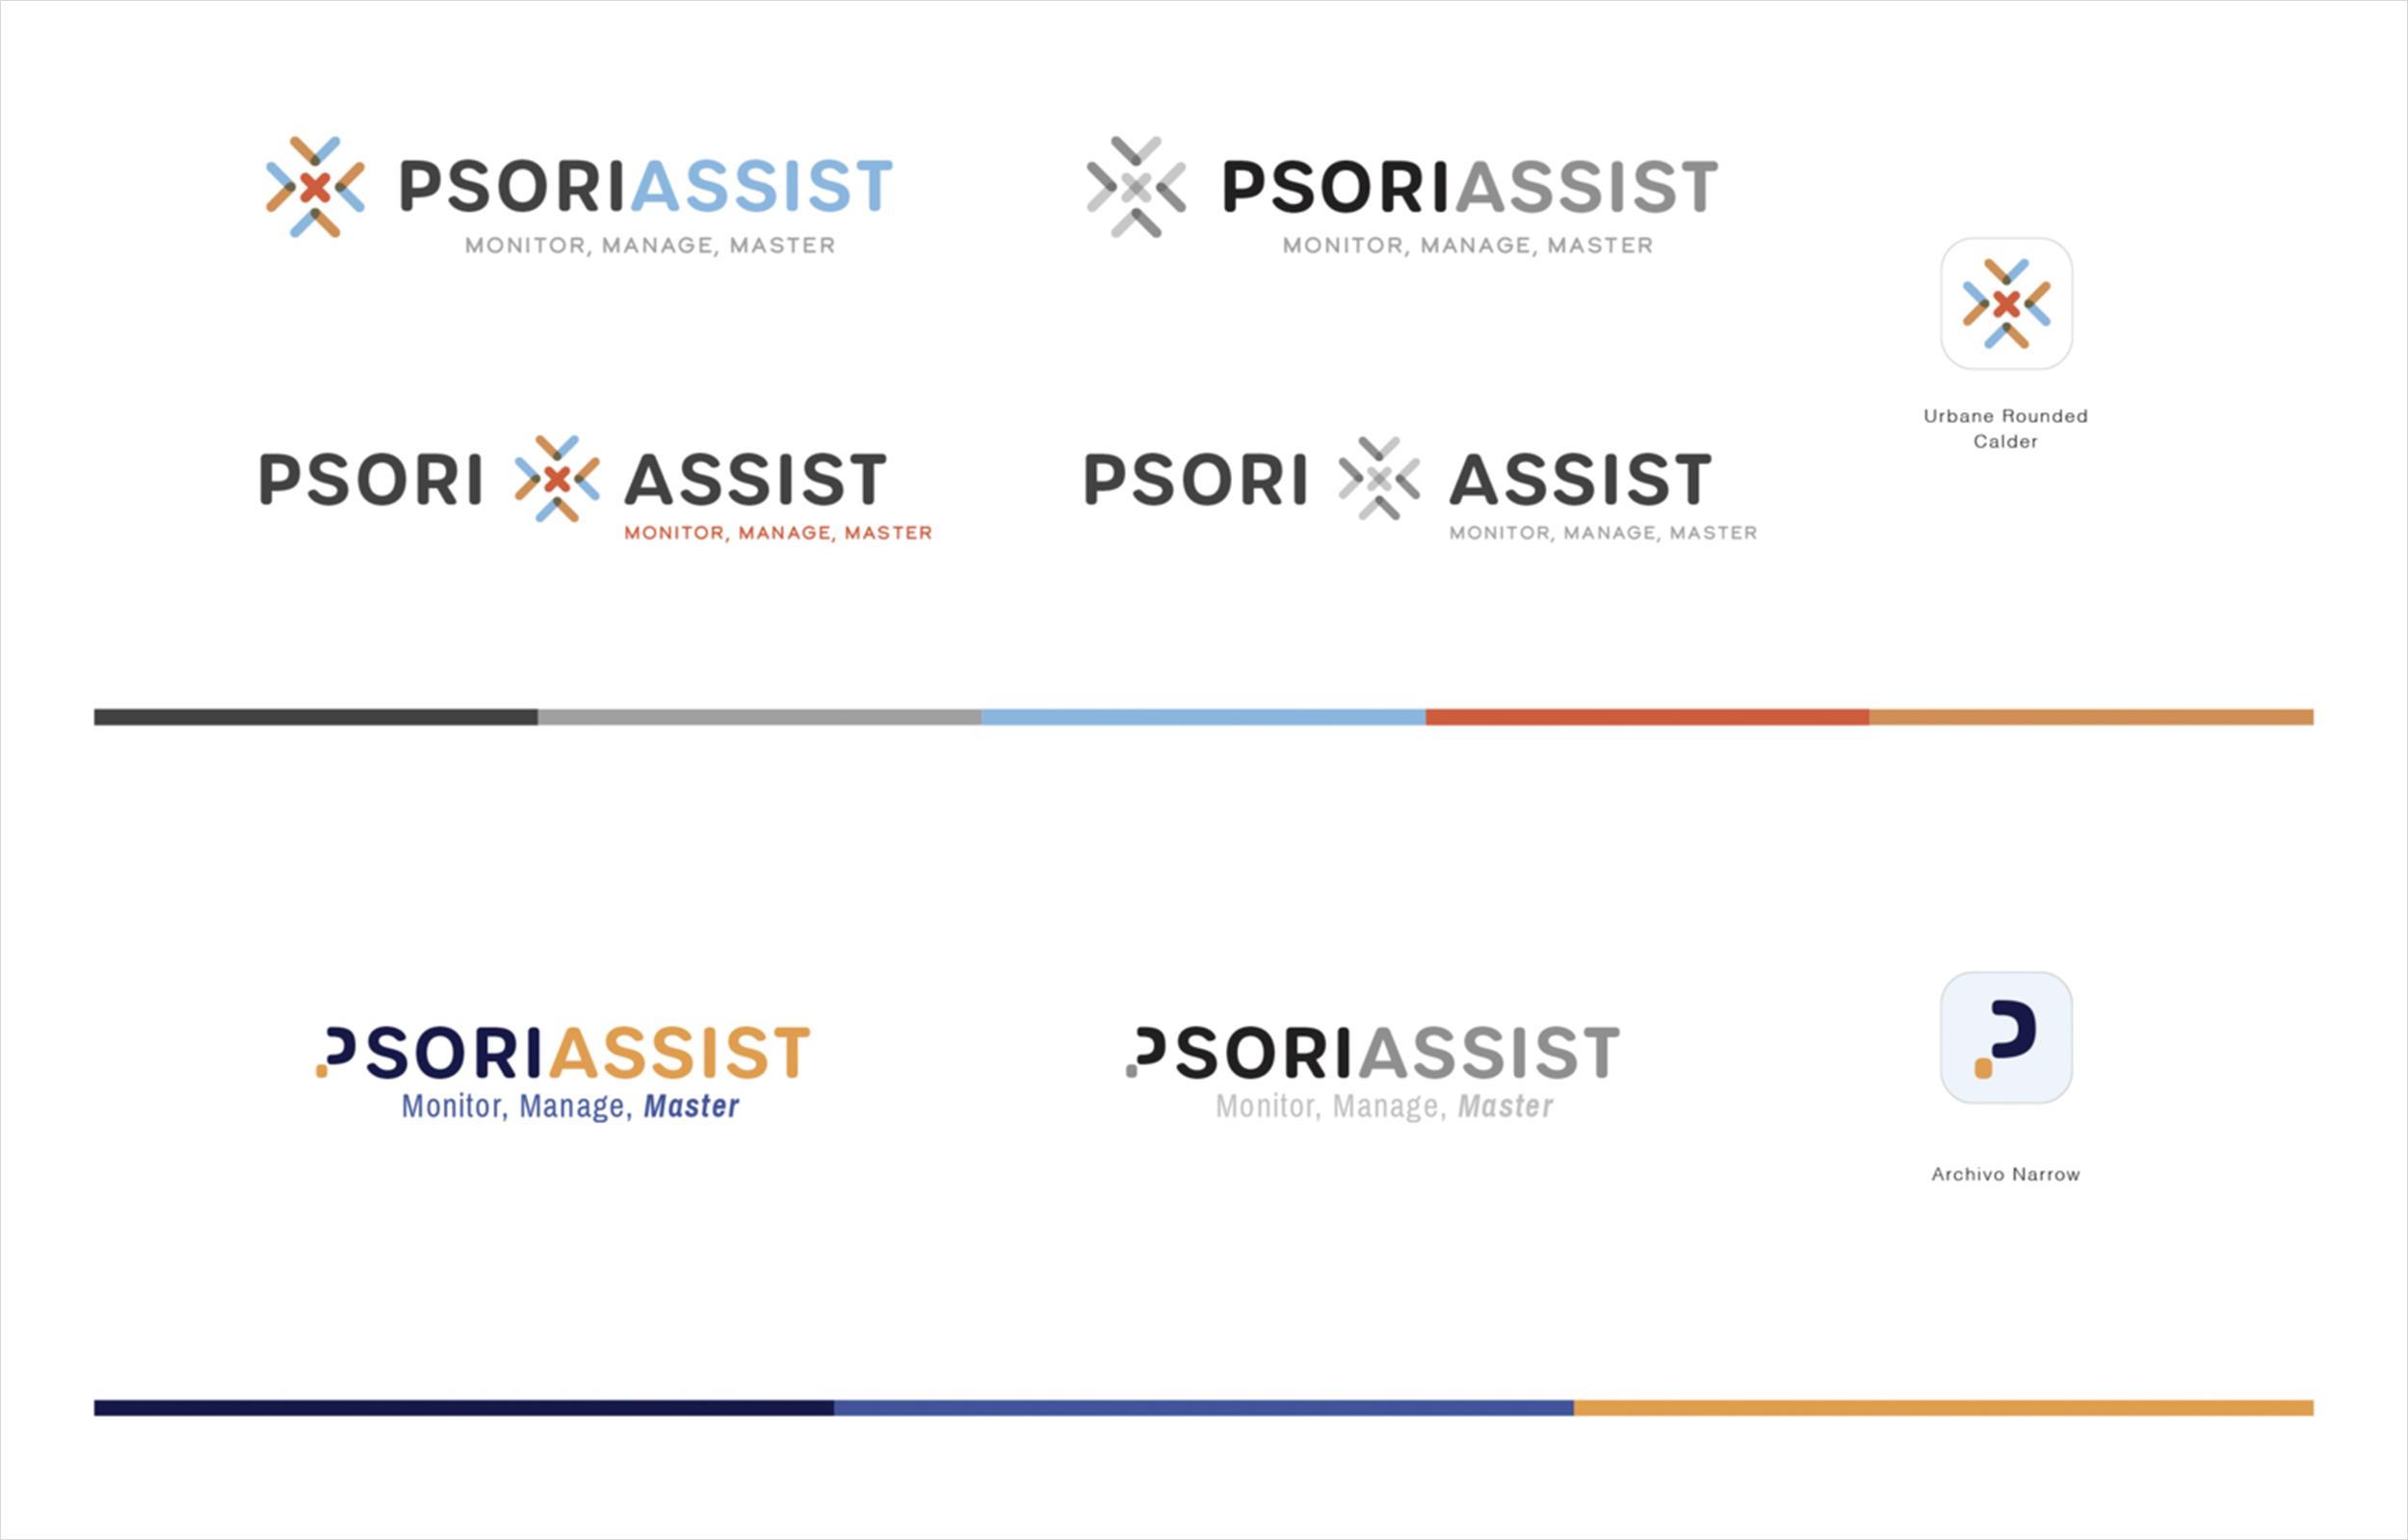 Psoriassist_logos2.png